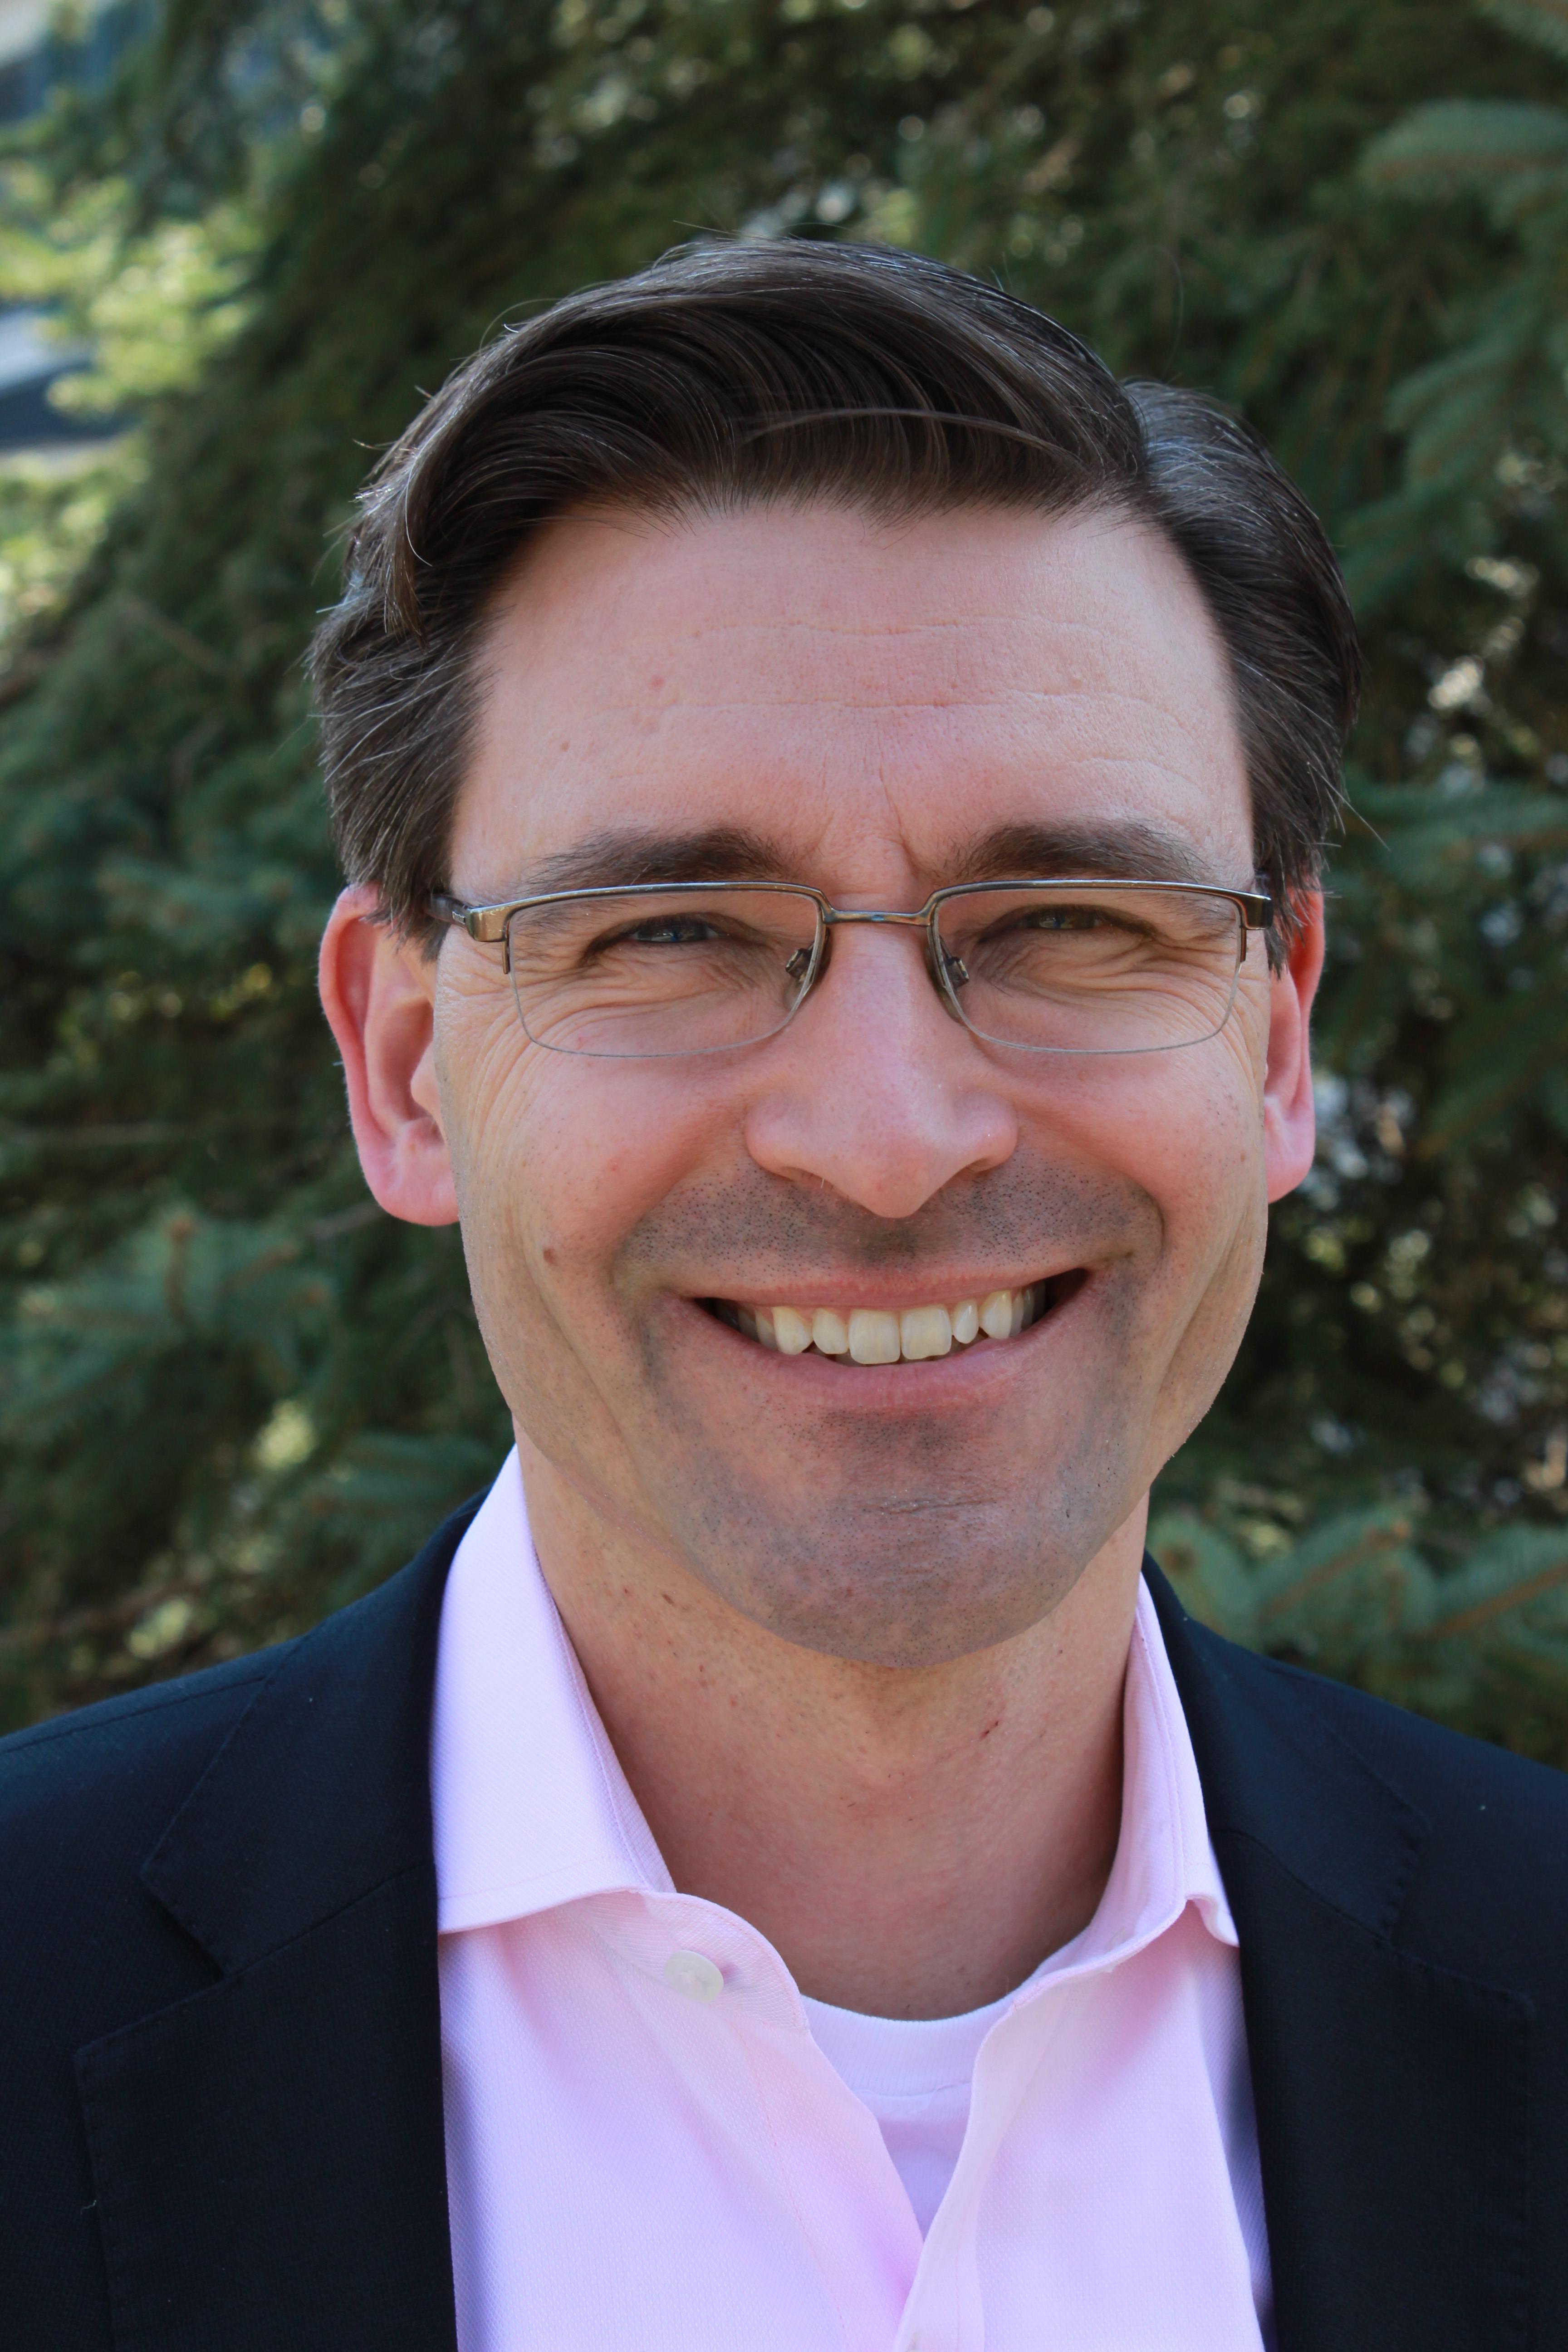 Mike Perozek